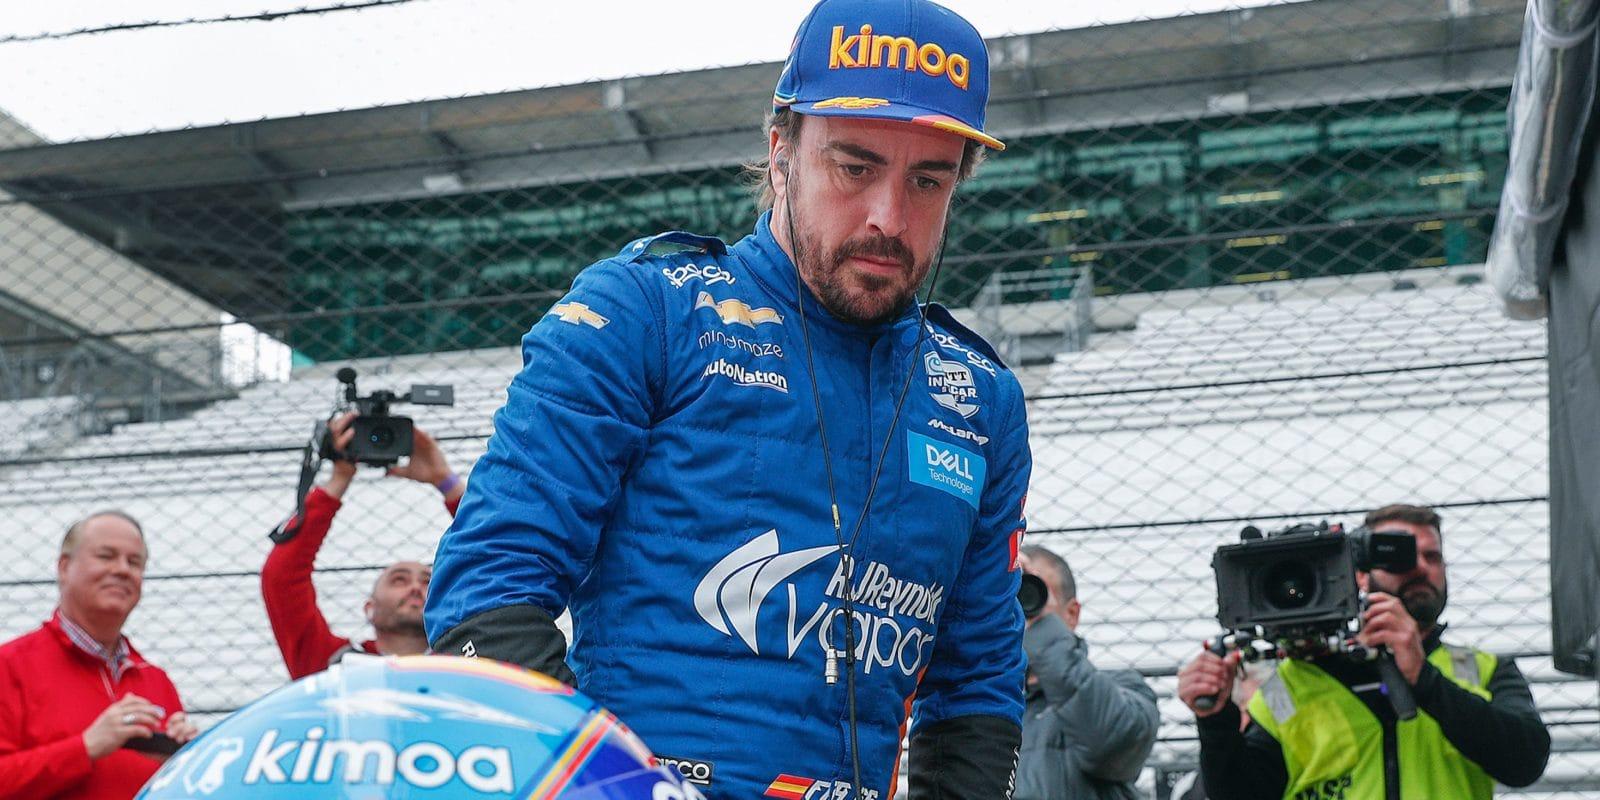 Alonso nemá v plánu závodit příští rok v IndyCar